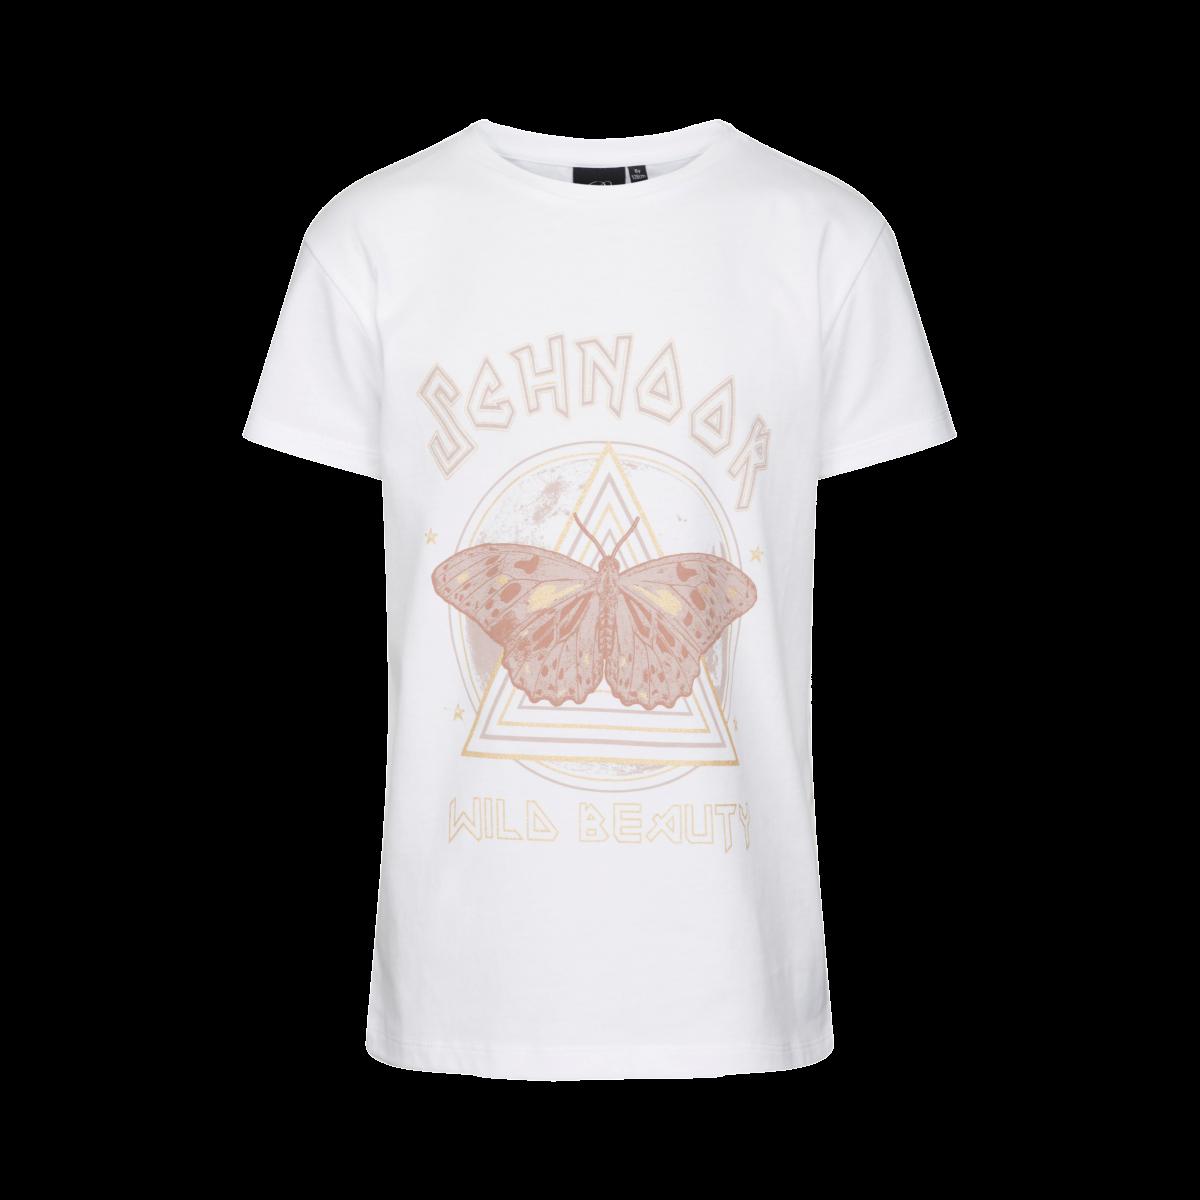 T-shirt Felina hvid